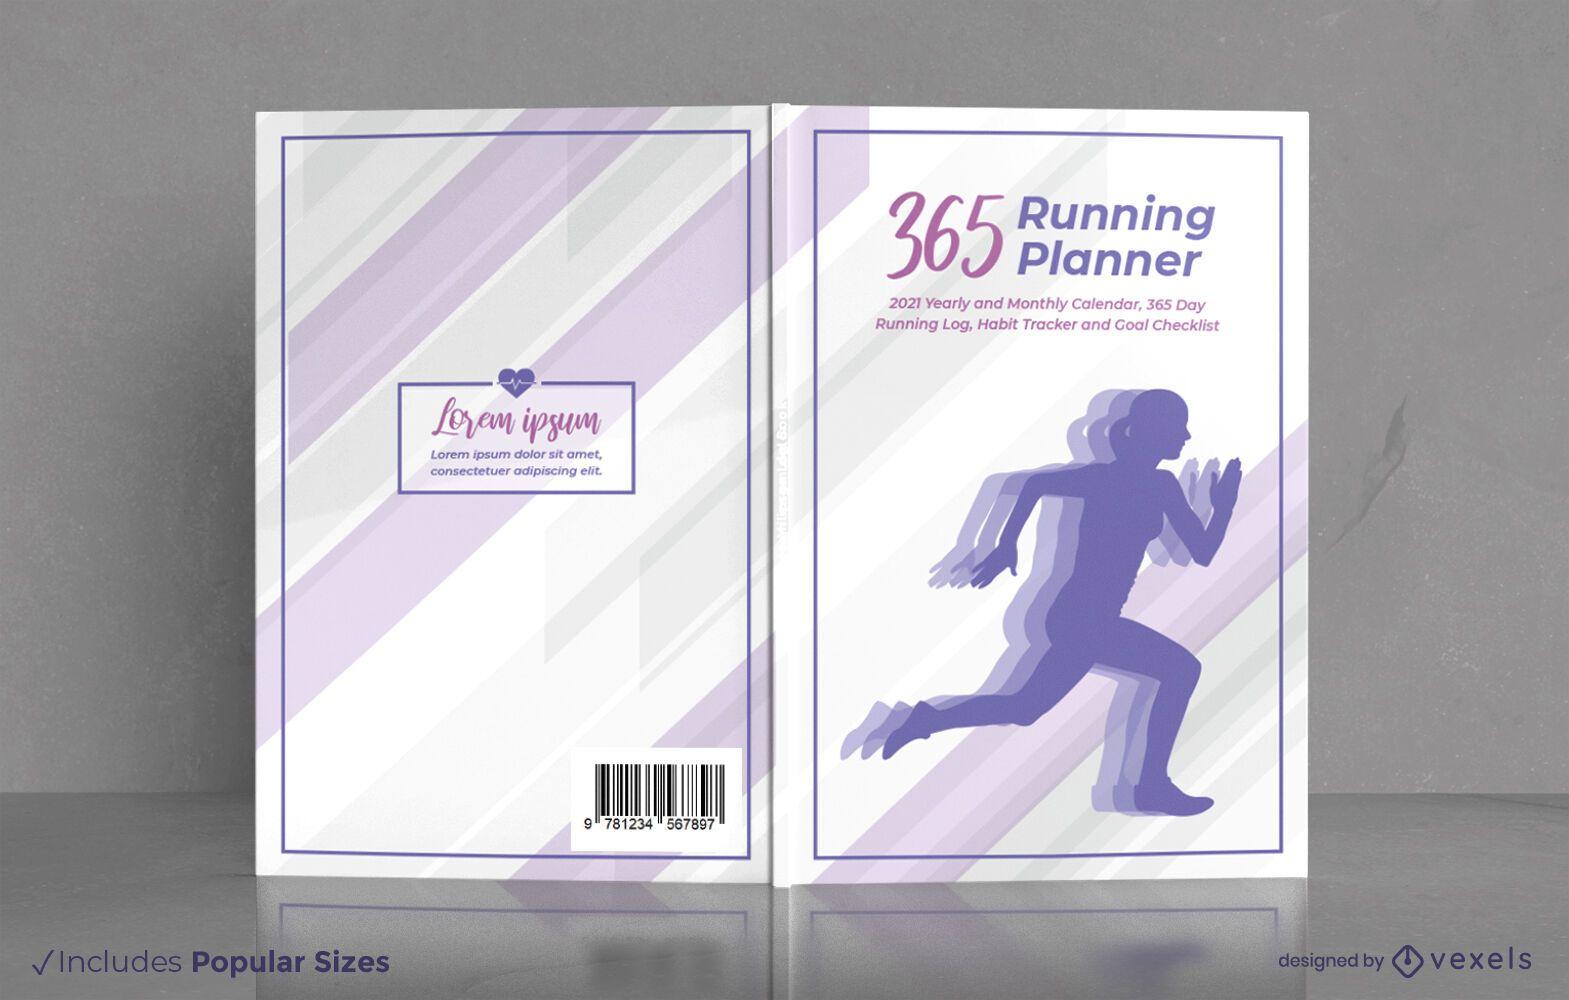 Running planner exercise cover design